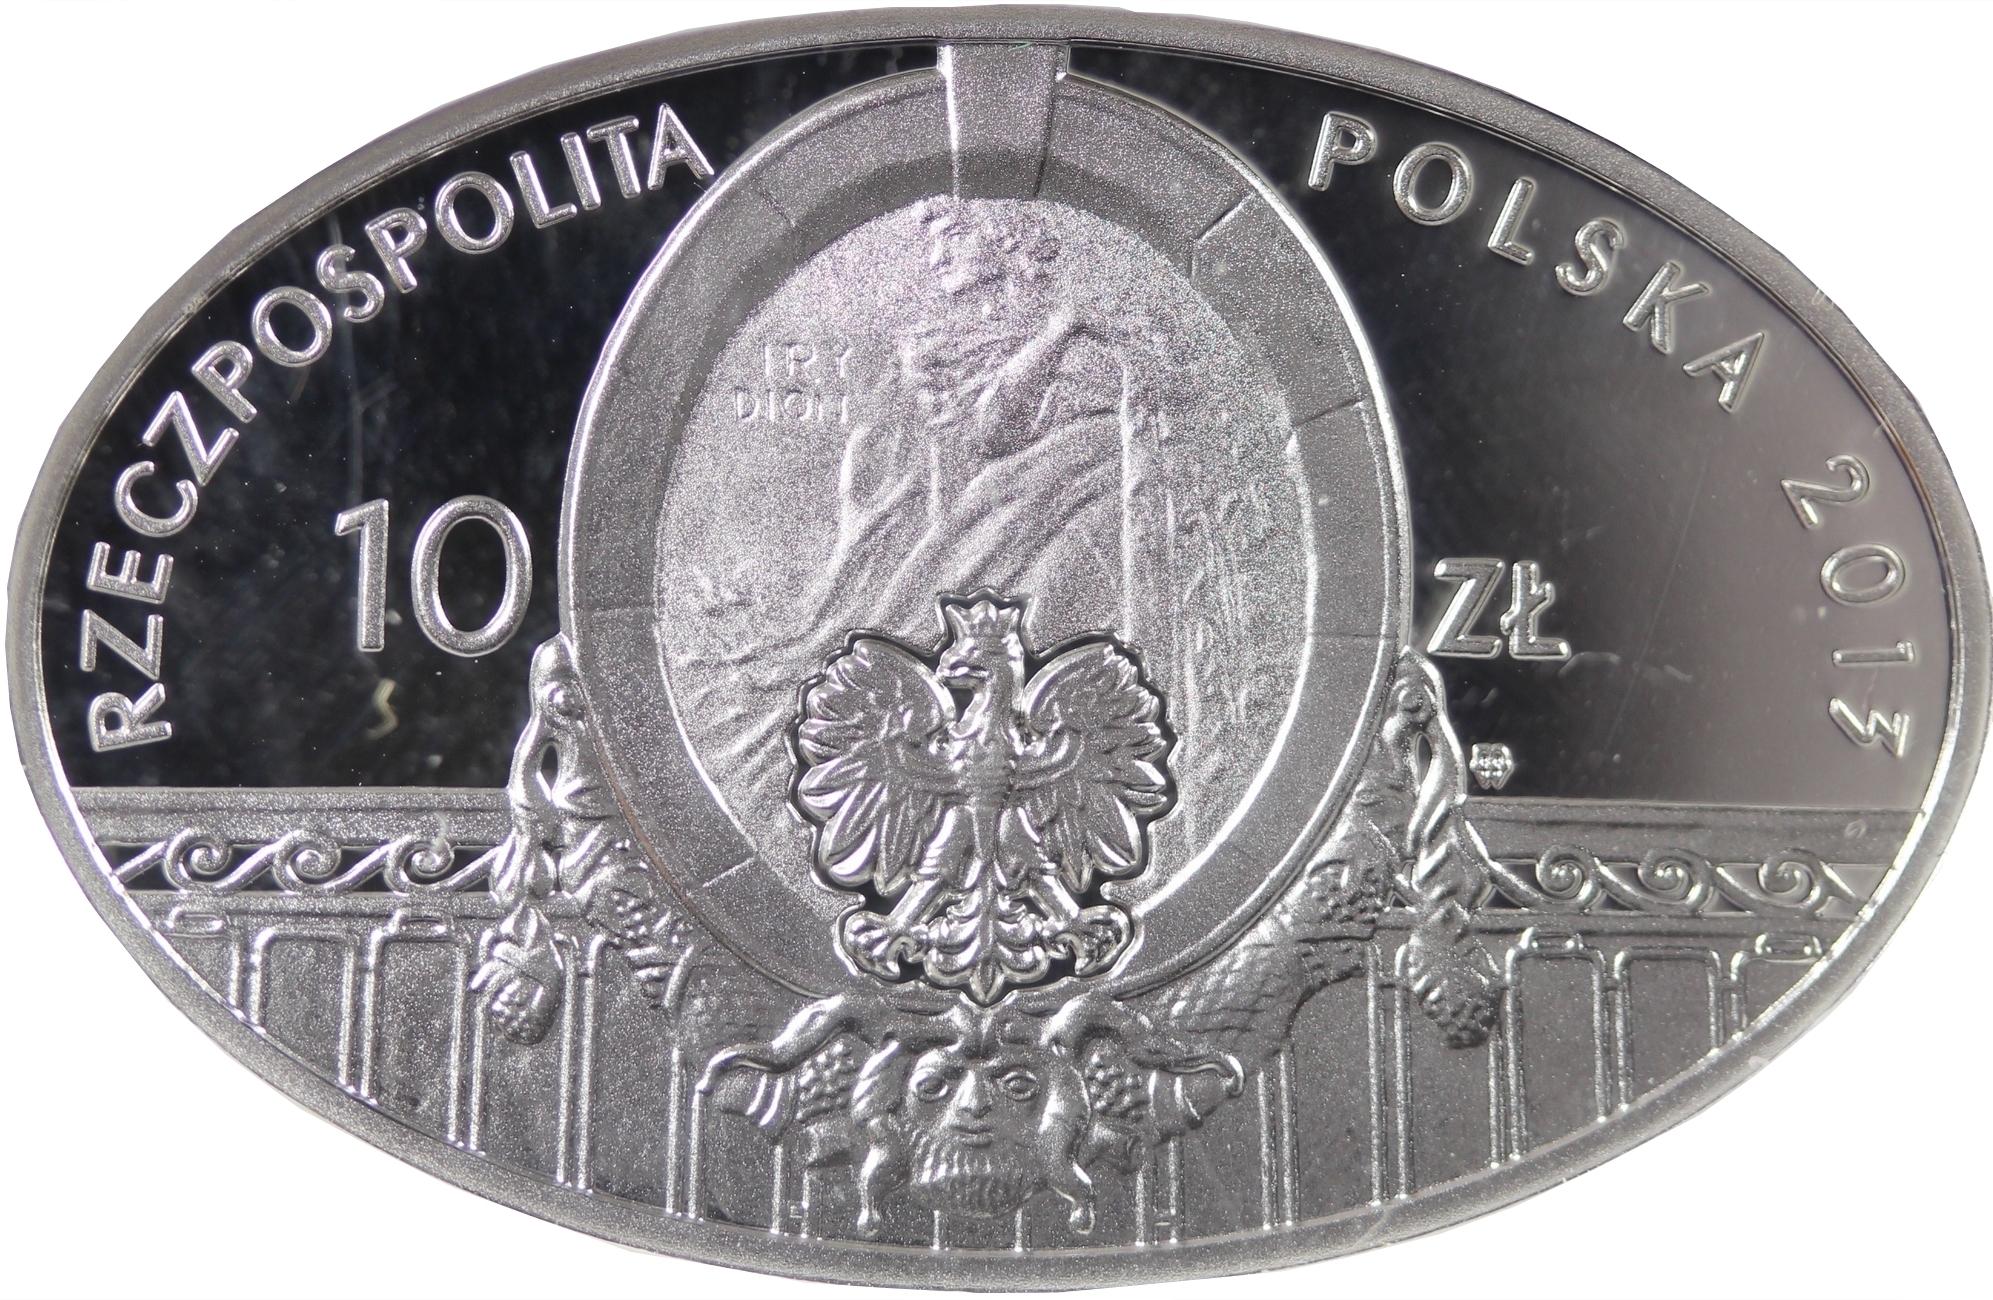 10 złotych 2013 100 lat Teatru Polskiego w Warszawie - awers